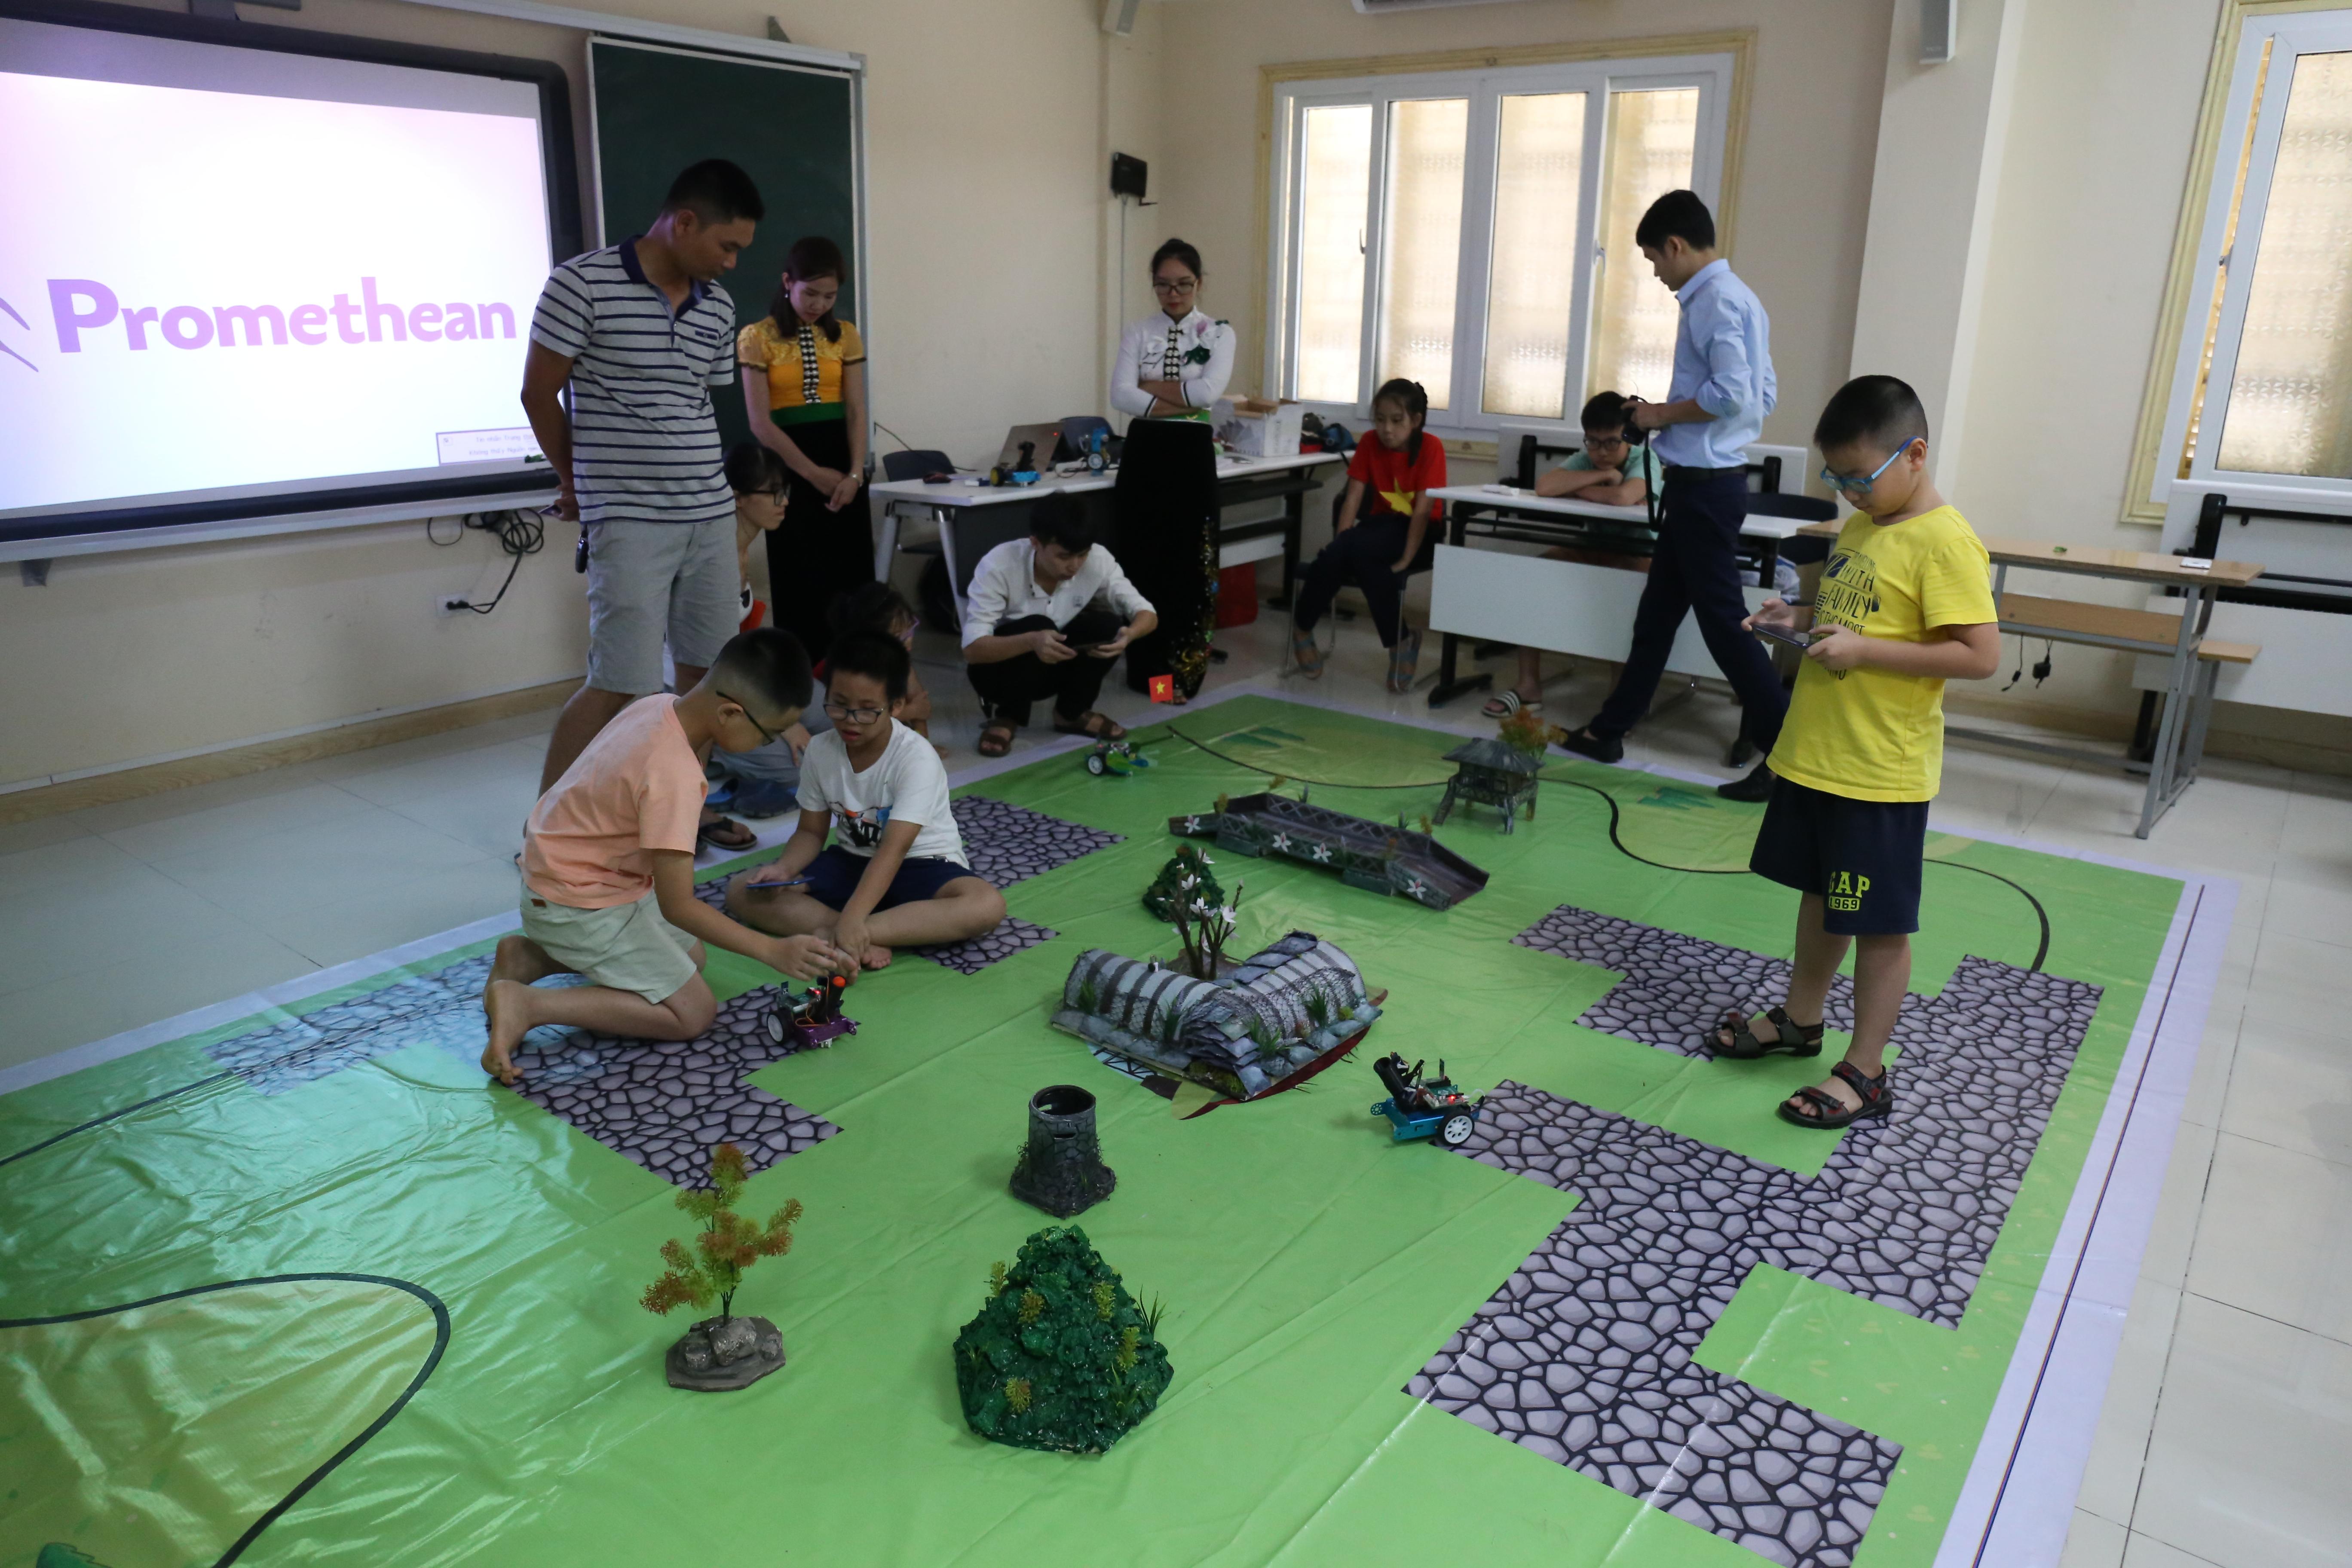 """""""Mô hình của chúng tôi tái hiện trận Điện Biên Phủ với các xe robot điều khiển từ xa,"""" cô Đào Thị Loan, Bí thư chi đoàn trường tiểu học Bế Văn Đàn, TP. Điện Biên, giới thiệu. Đây là kết quả mà các thầy cô ở trường tạo ra sau 2 ngày được Liên minh STEM tập huấn và dạy lại cho học sinh. """"Các em rất hào hứng, em nào cũng muốn sờ vào robot và nhiều em muốn lập trình cho chúng nữa"""". Nhà trường mới có khoảng gần 10 robot do được tài trợ, ước tính mỗi robot trị giá 1,5 triệu đồng."""